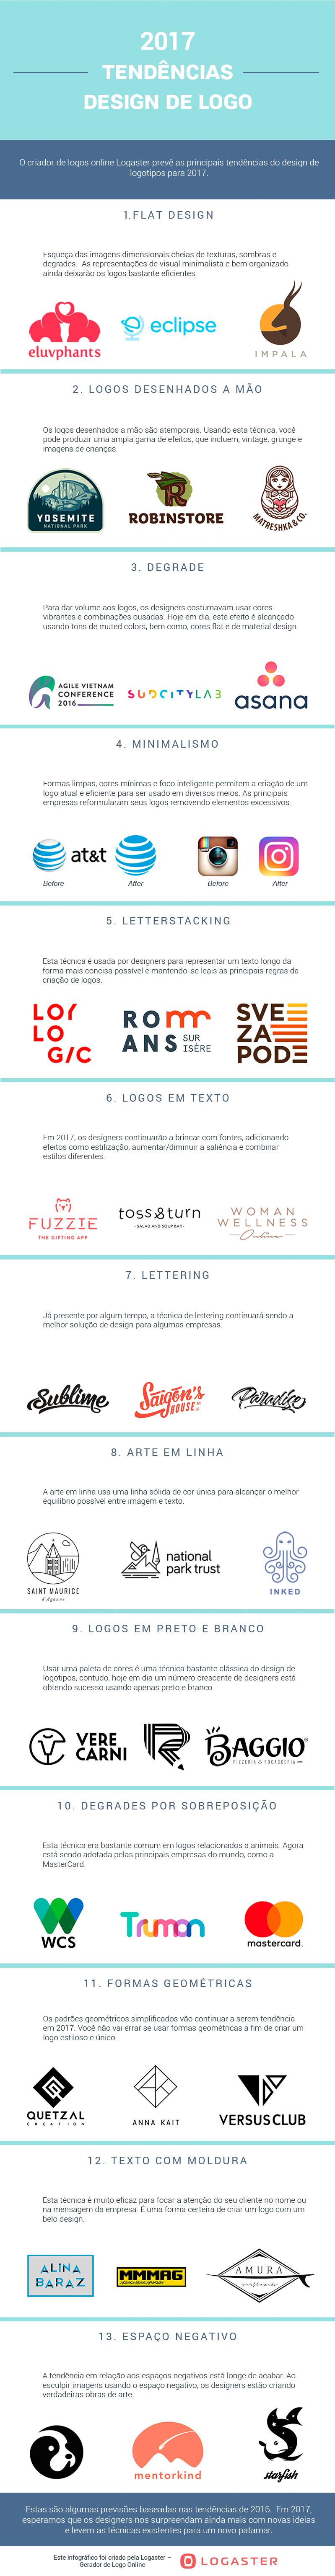 Infográfico com tendências de design para logos